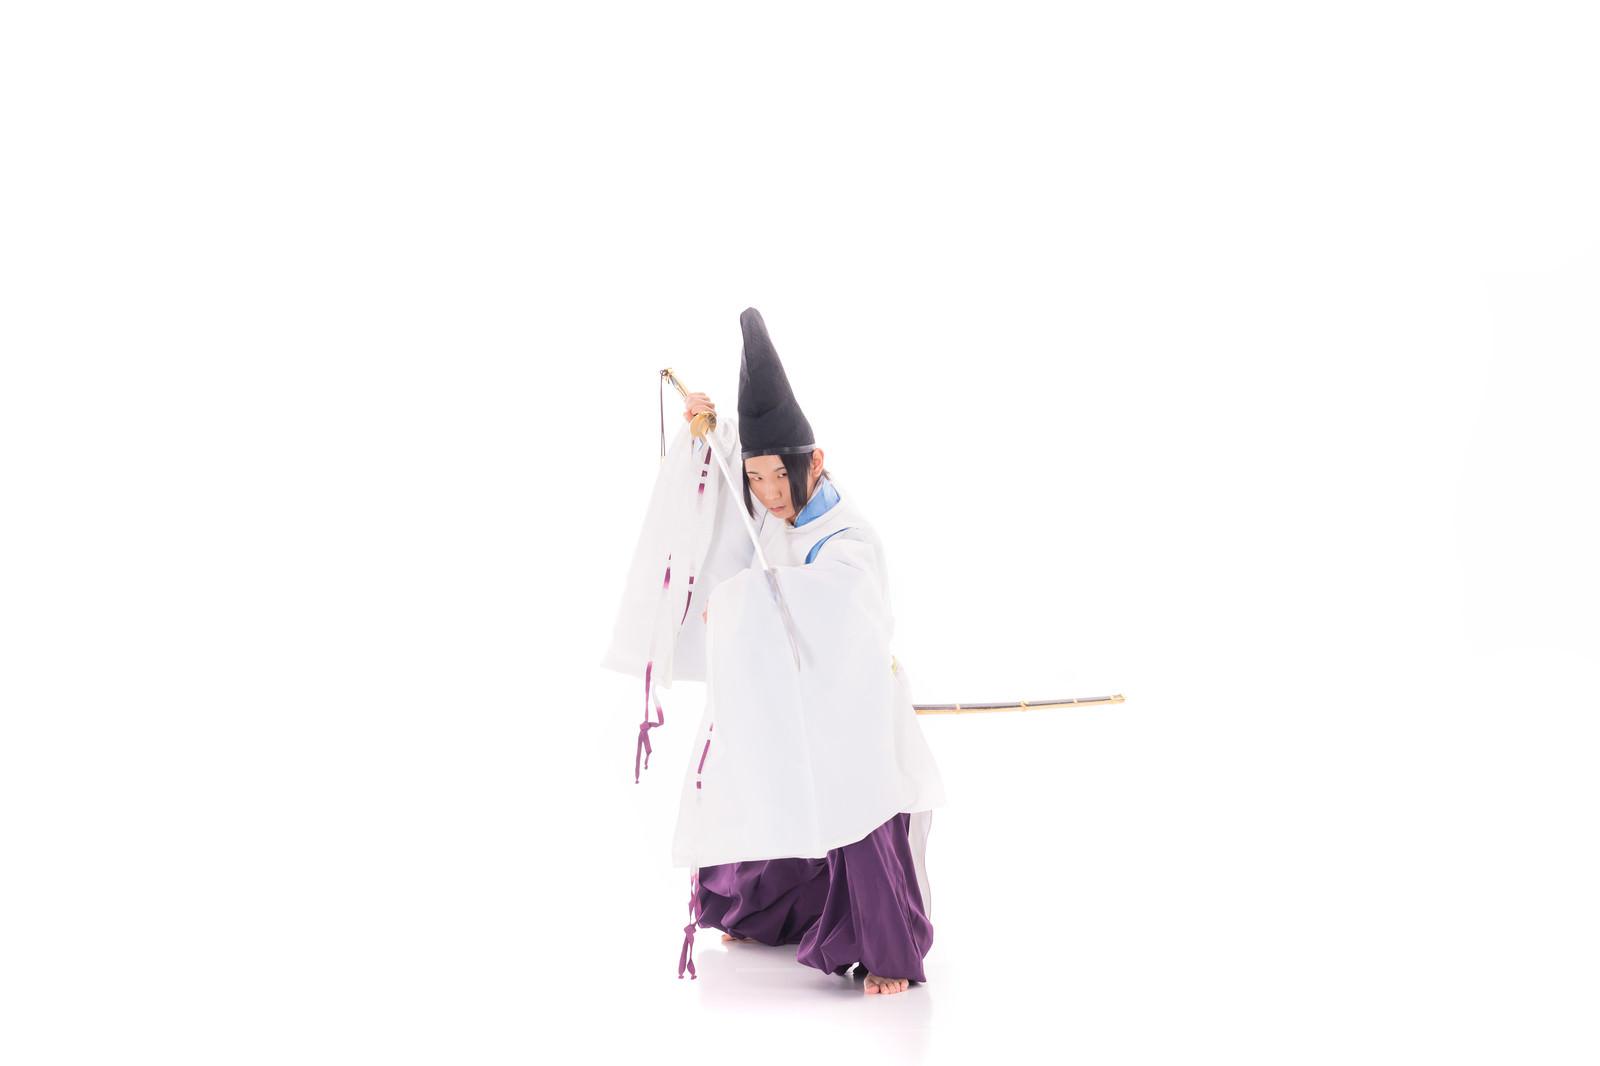 「鋒を向ける陰陽師」の写真[モデル:まーこ]